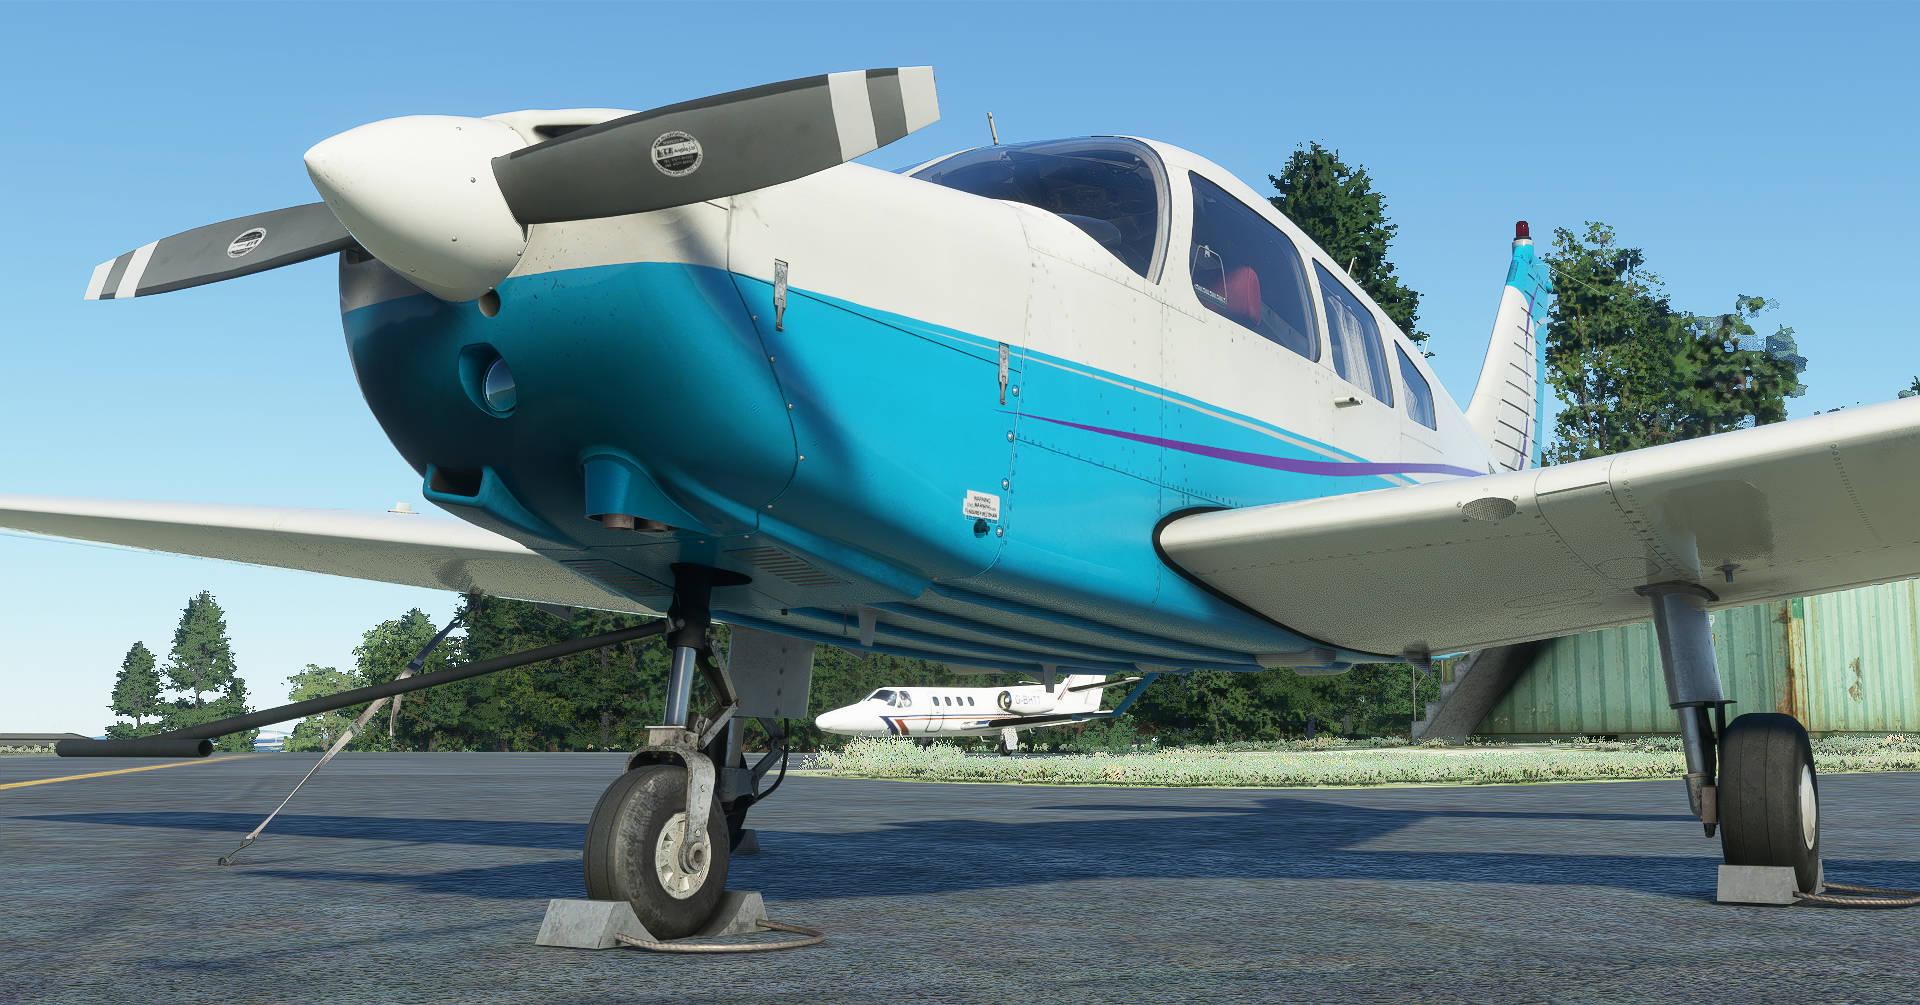 pa28-161-warrior-ii-microsoft-flight-simulator_11_ss_l_210721103122